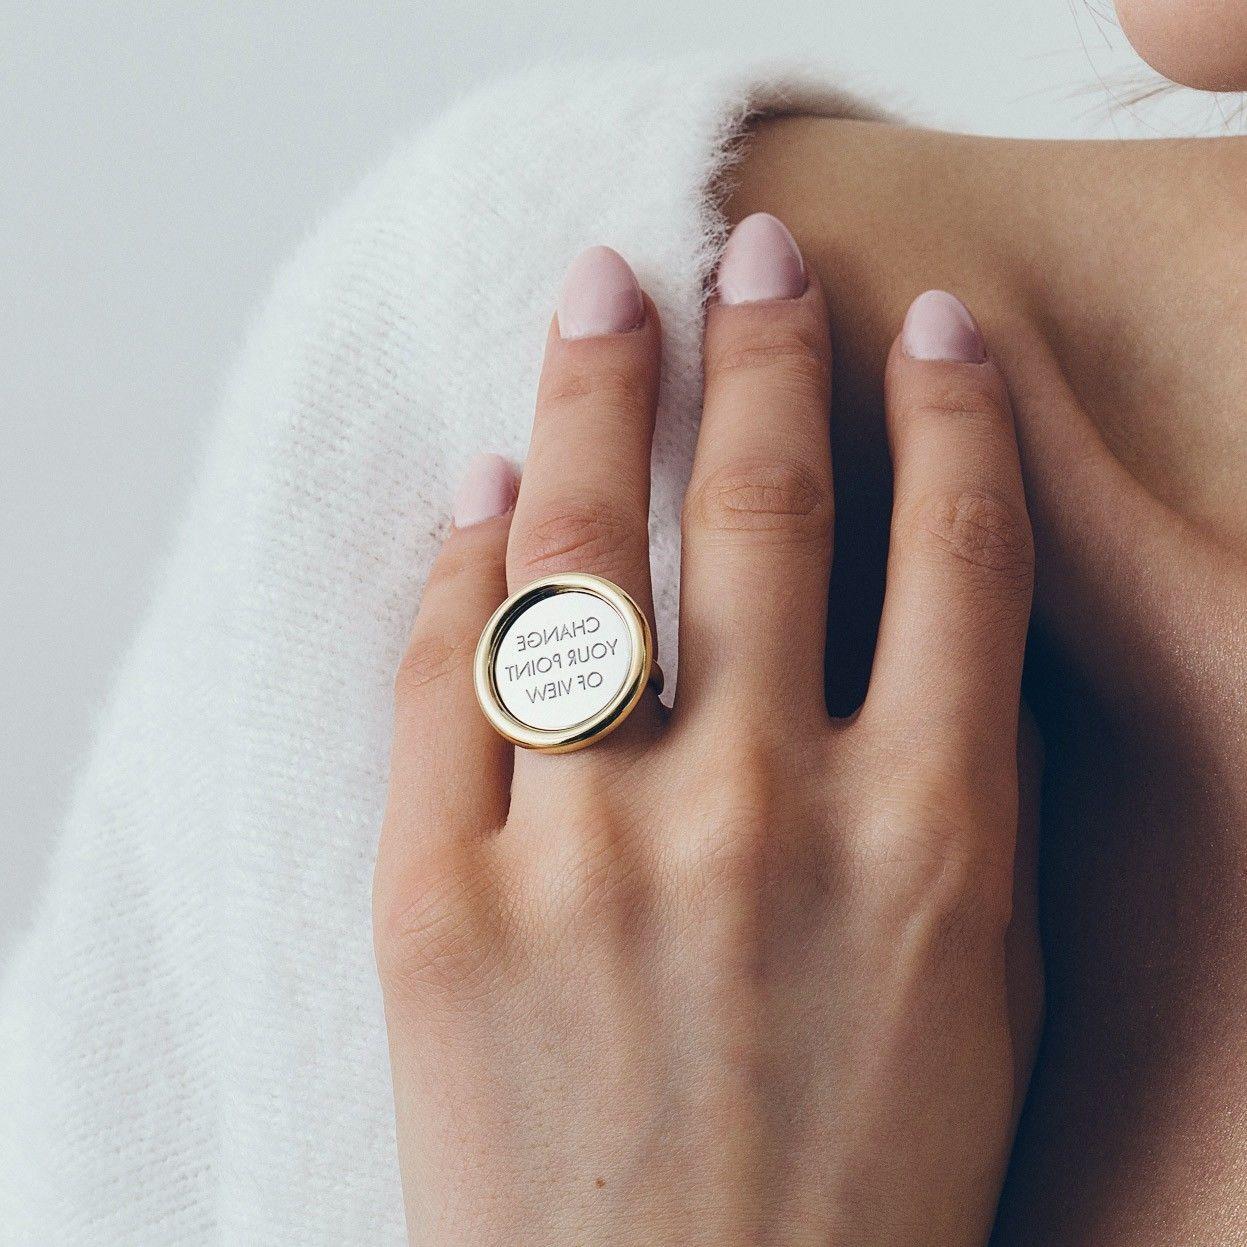 Srebrny pierścionek lustro, grawer, srebro 925 : ROZMIAR PIERŚCIONKA - 13 UK:N 16,67 MM, Srebro - kolor pokrycia - Pokrycie żółtym 18K złotem